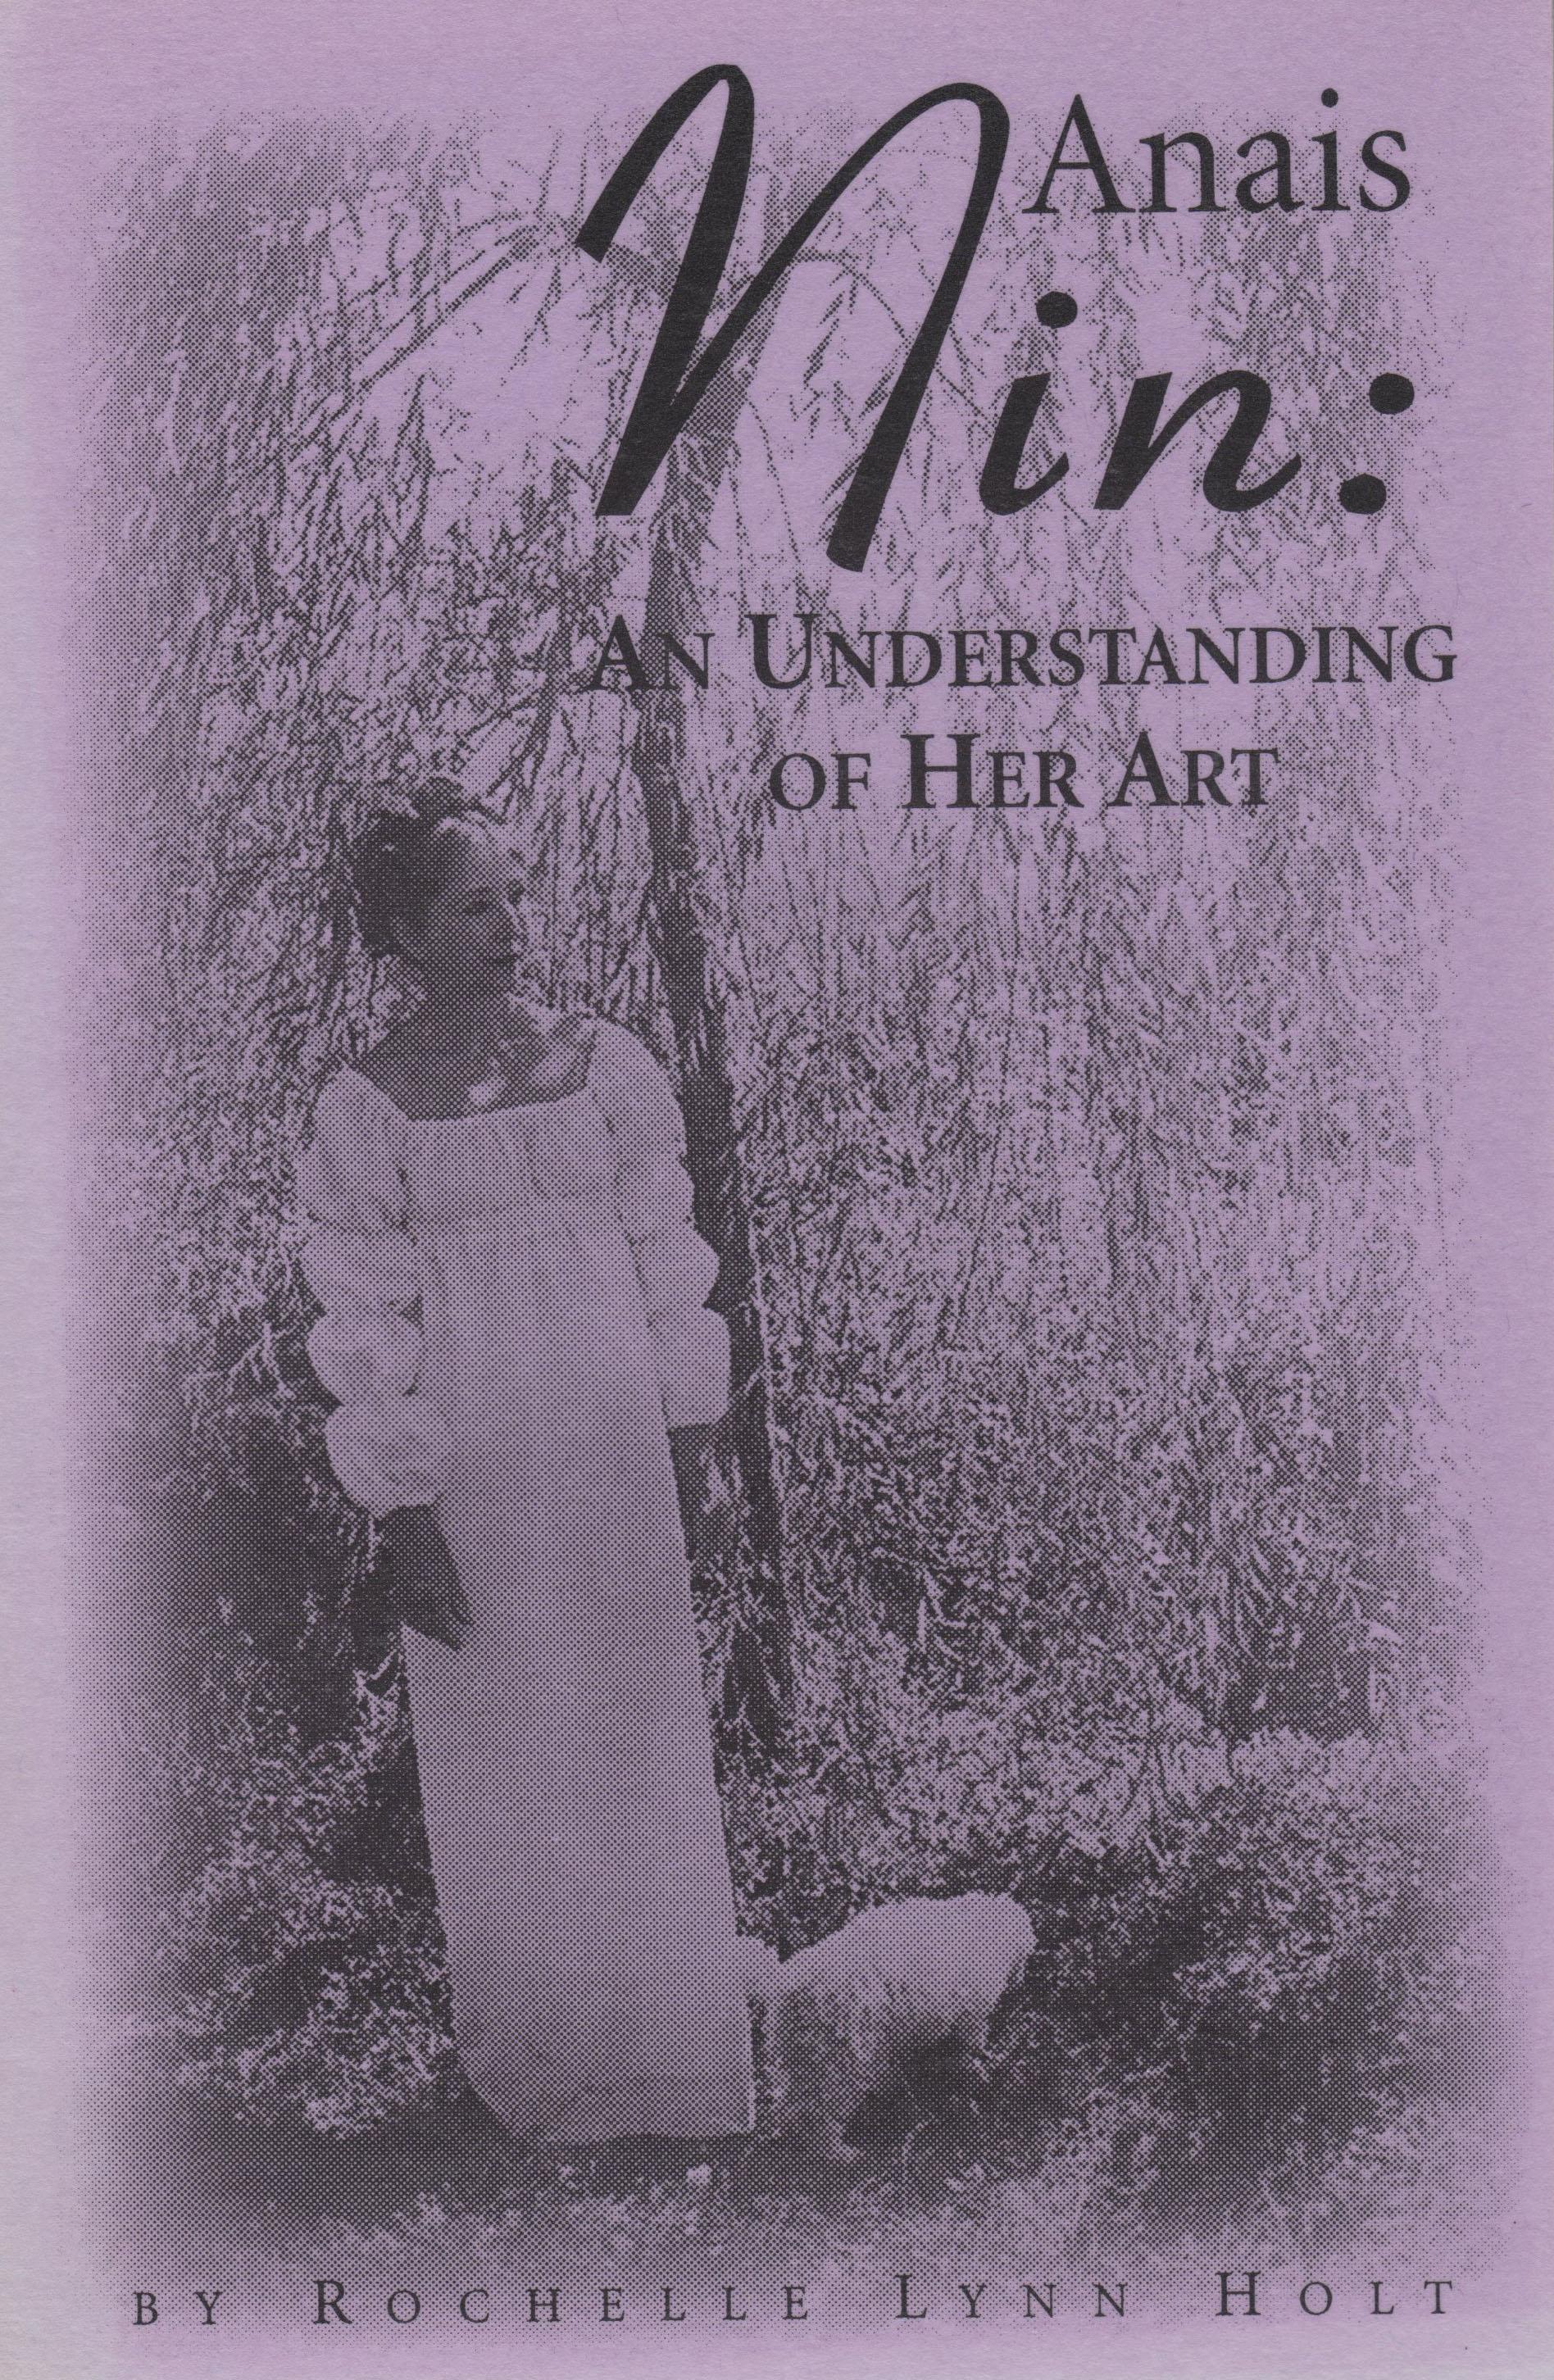 Anais Nin: An Understanding of Her Art